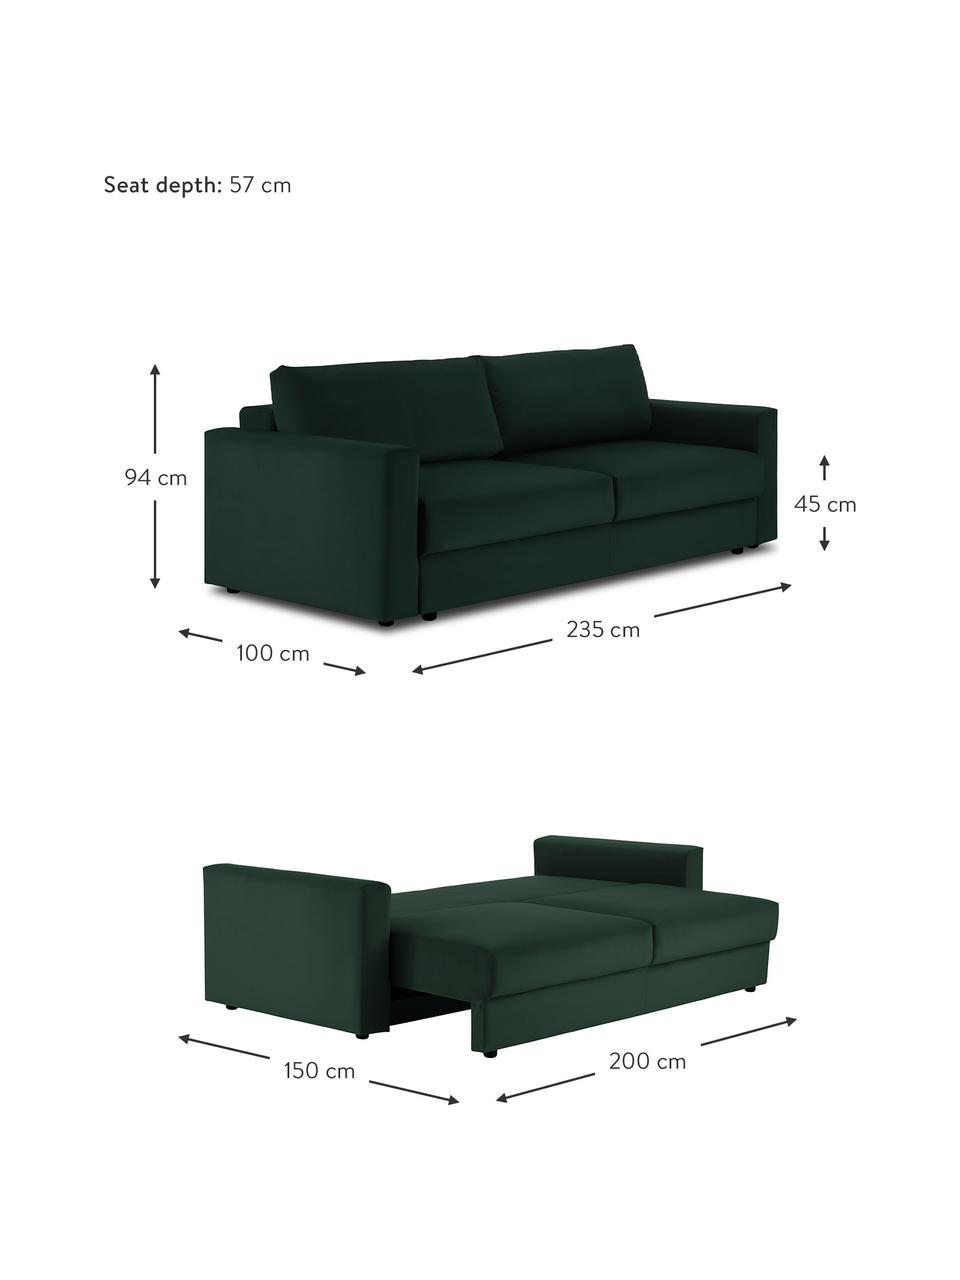 Fluwelen slaapbank Tasha in donkergroen, Bekleding: fluweel (100% polyester), Frame: massief grenenhout, multi, Poten: kunststof, Fluweel groen, 235 x 100 cm